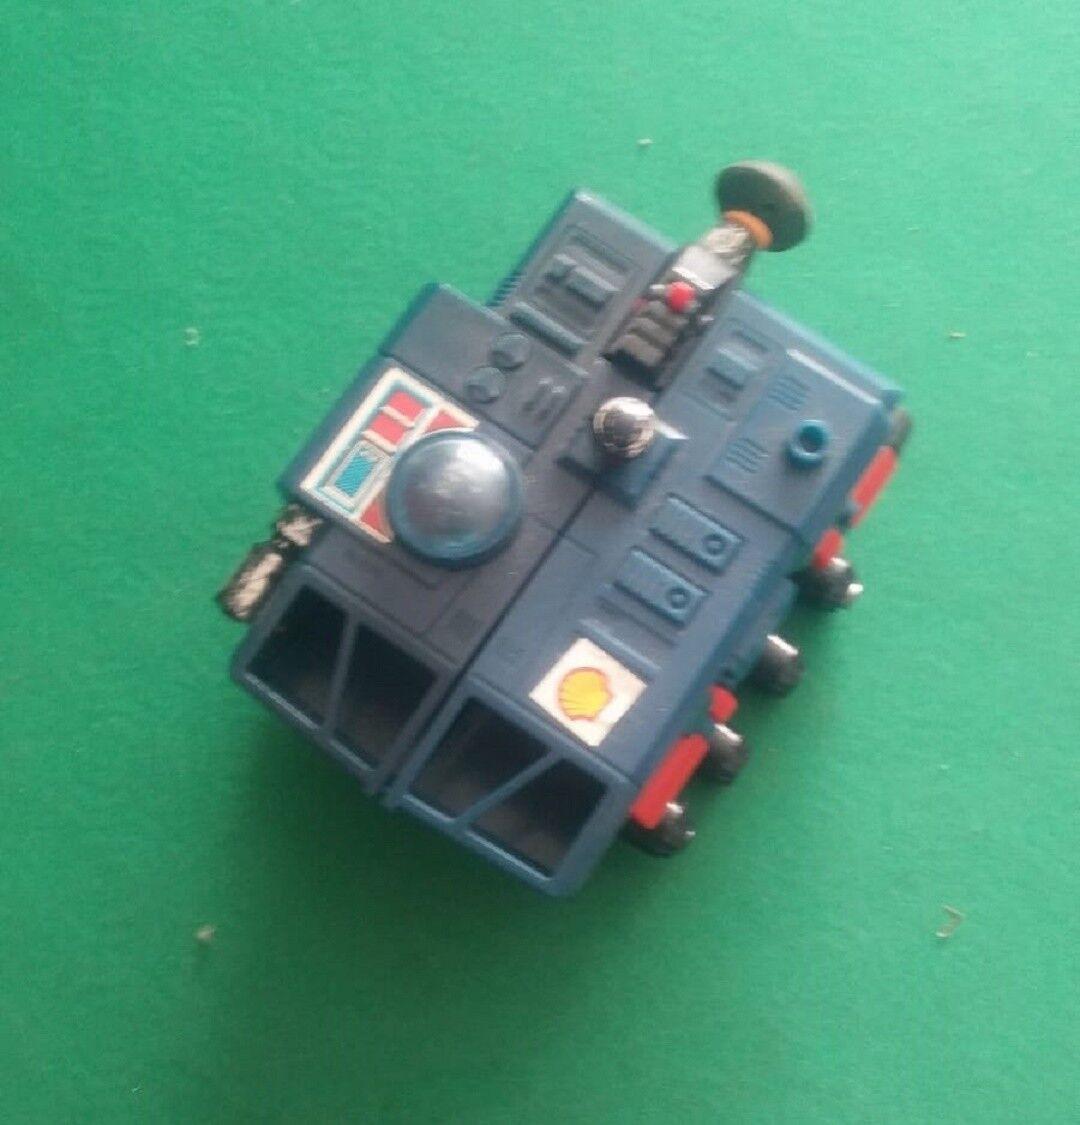 Diakron DIaclone Cosmo Roller Takara - ROBOT